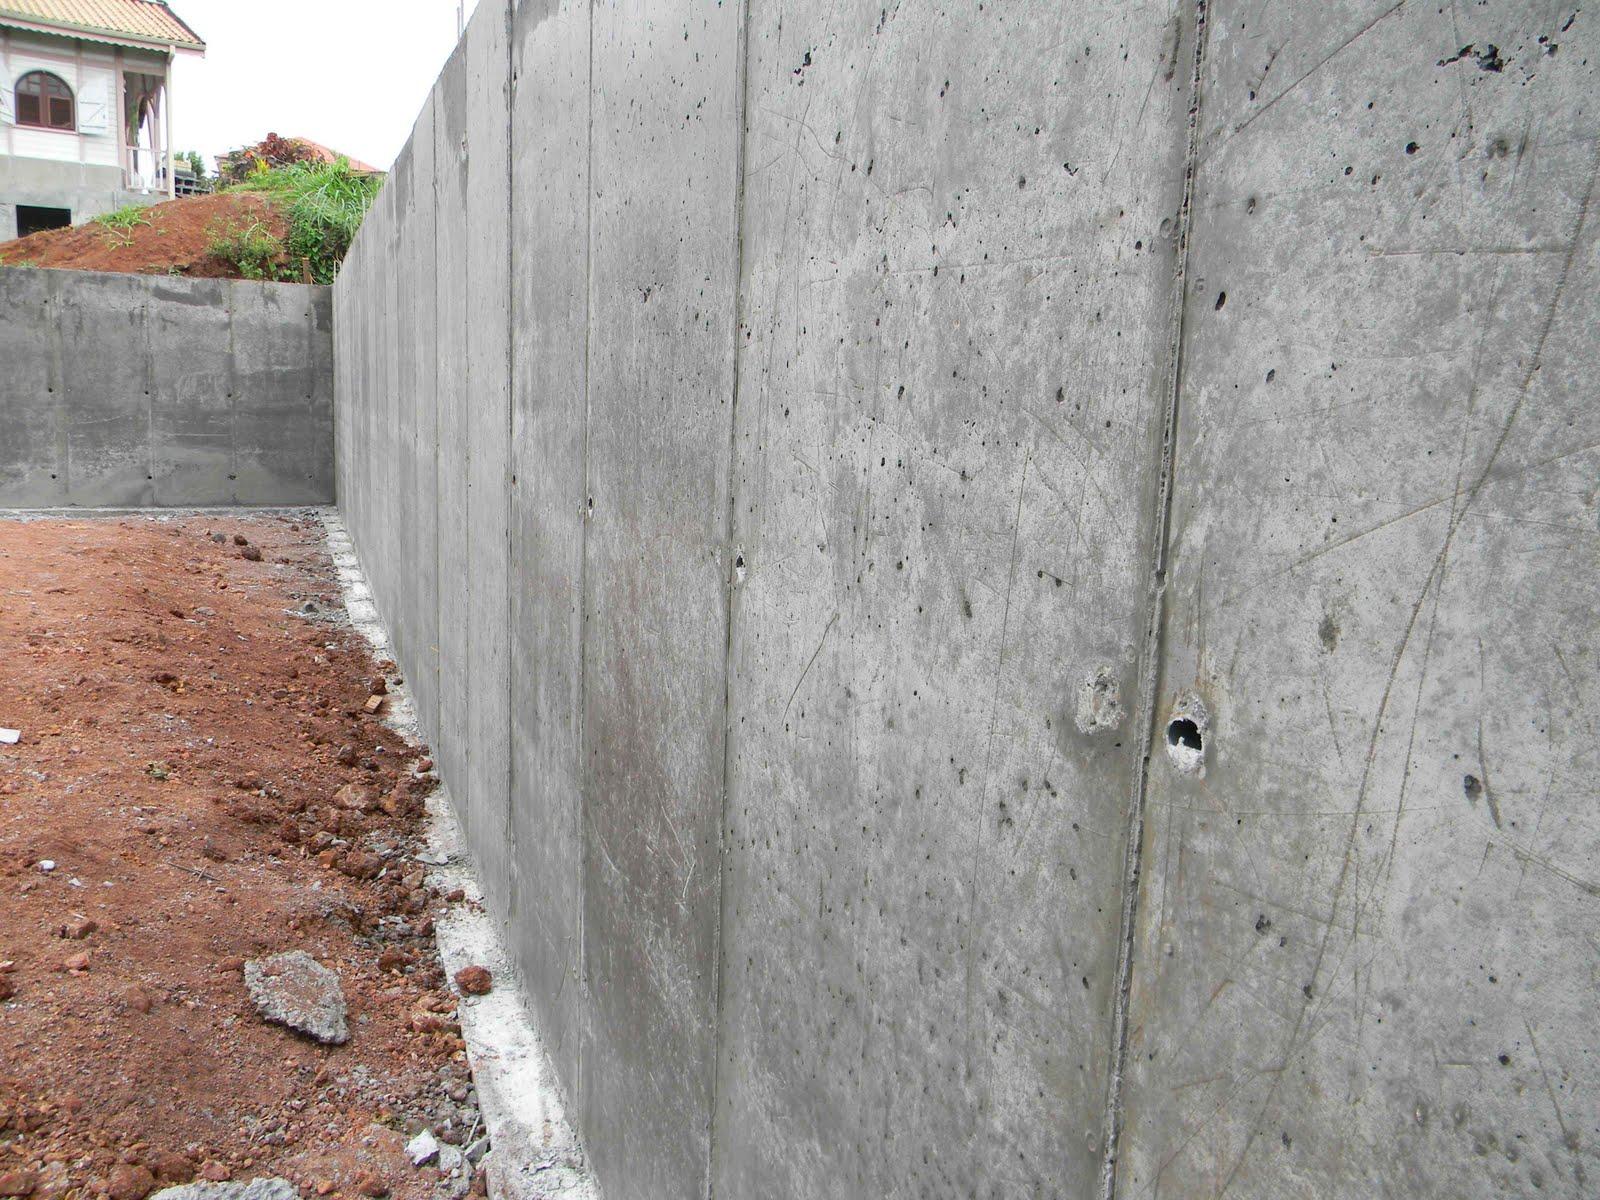 Le patio des mornes apr s les murets le mur est - Mur beton banche ...